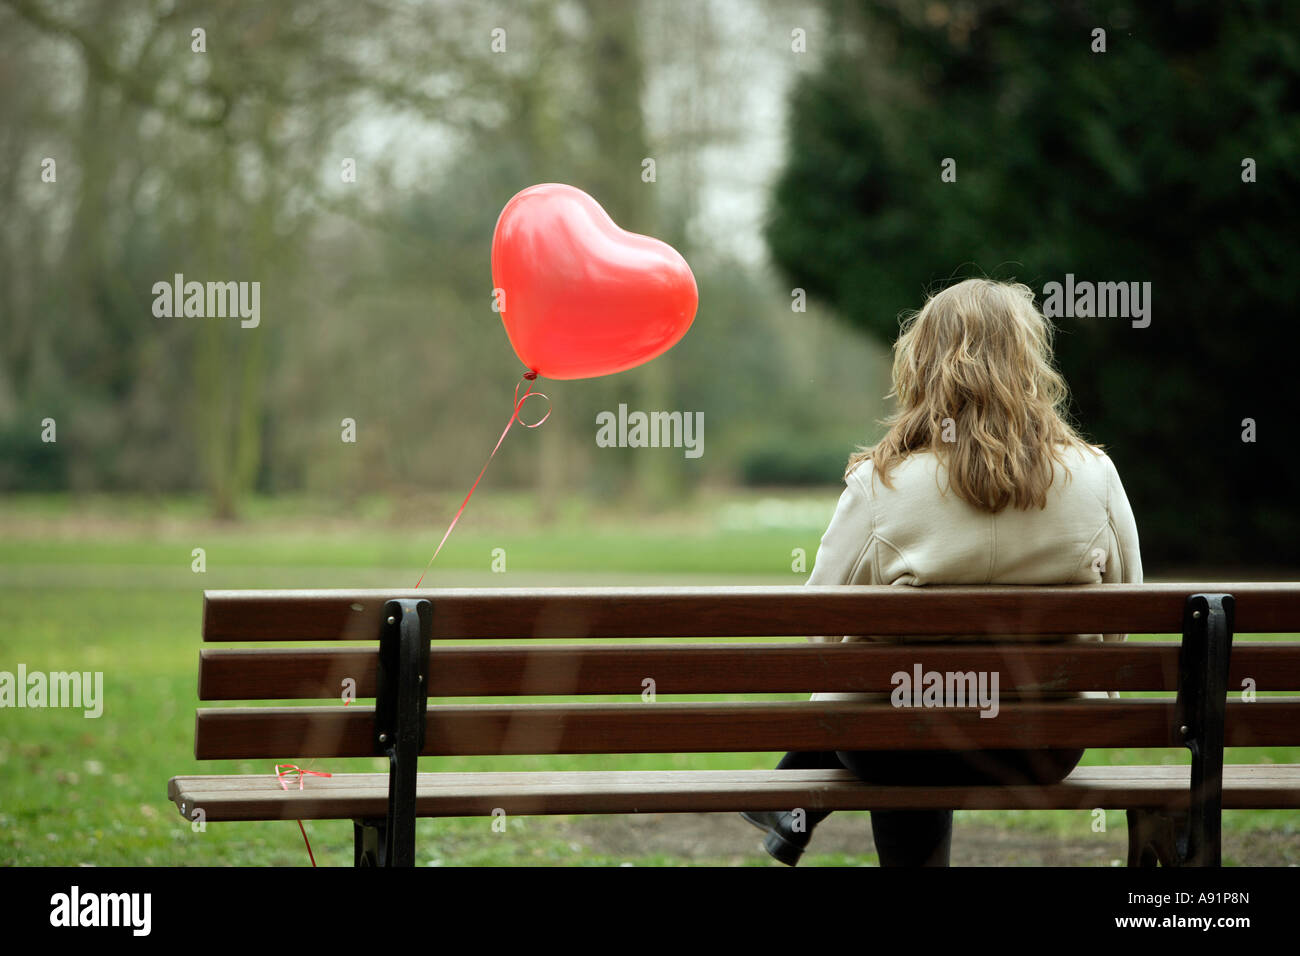 Eine junge Frau sitzt alleine auf einer Parkbank Stockbild